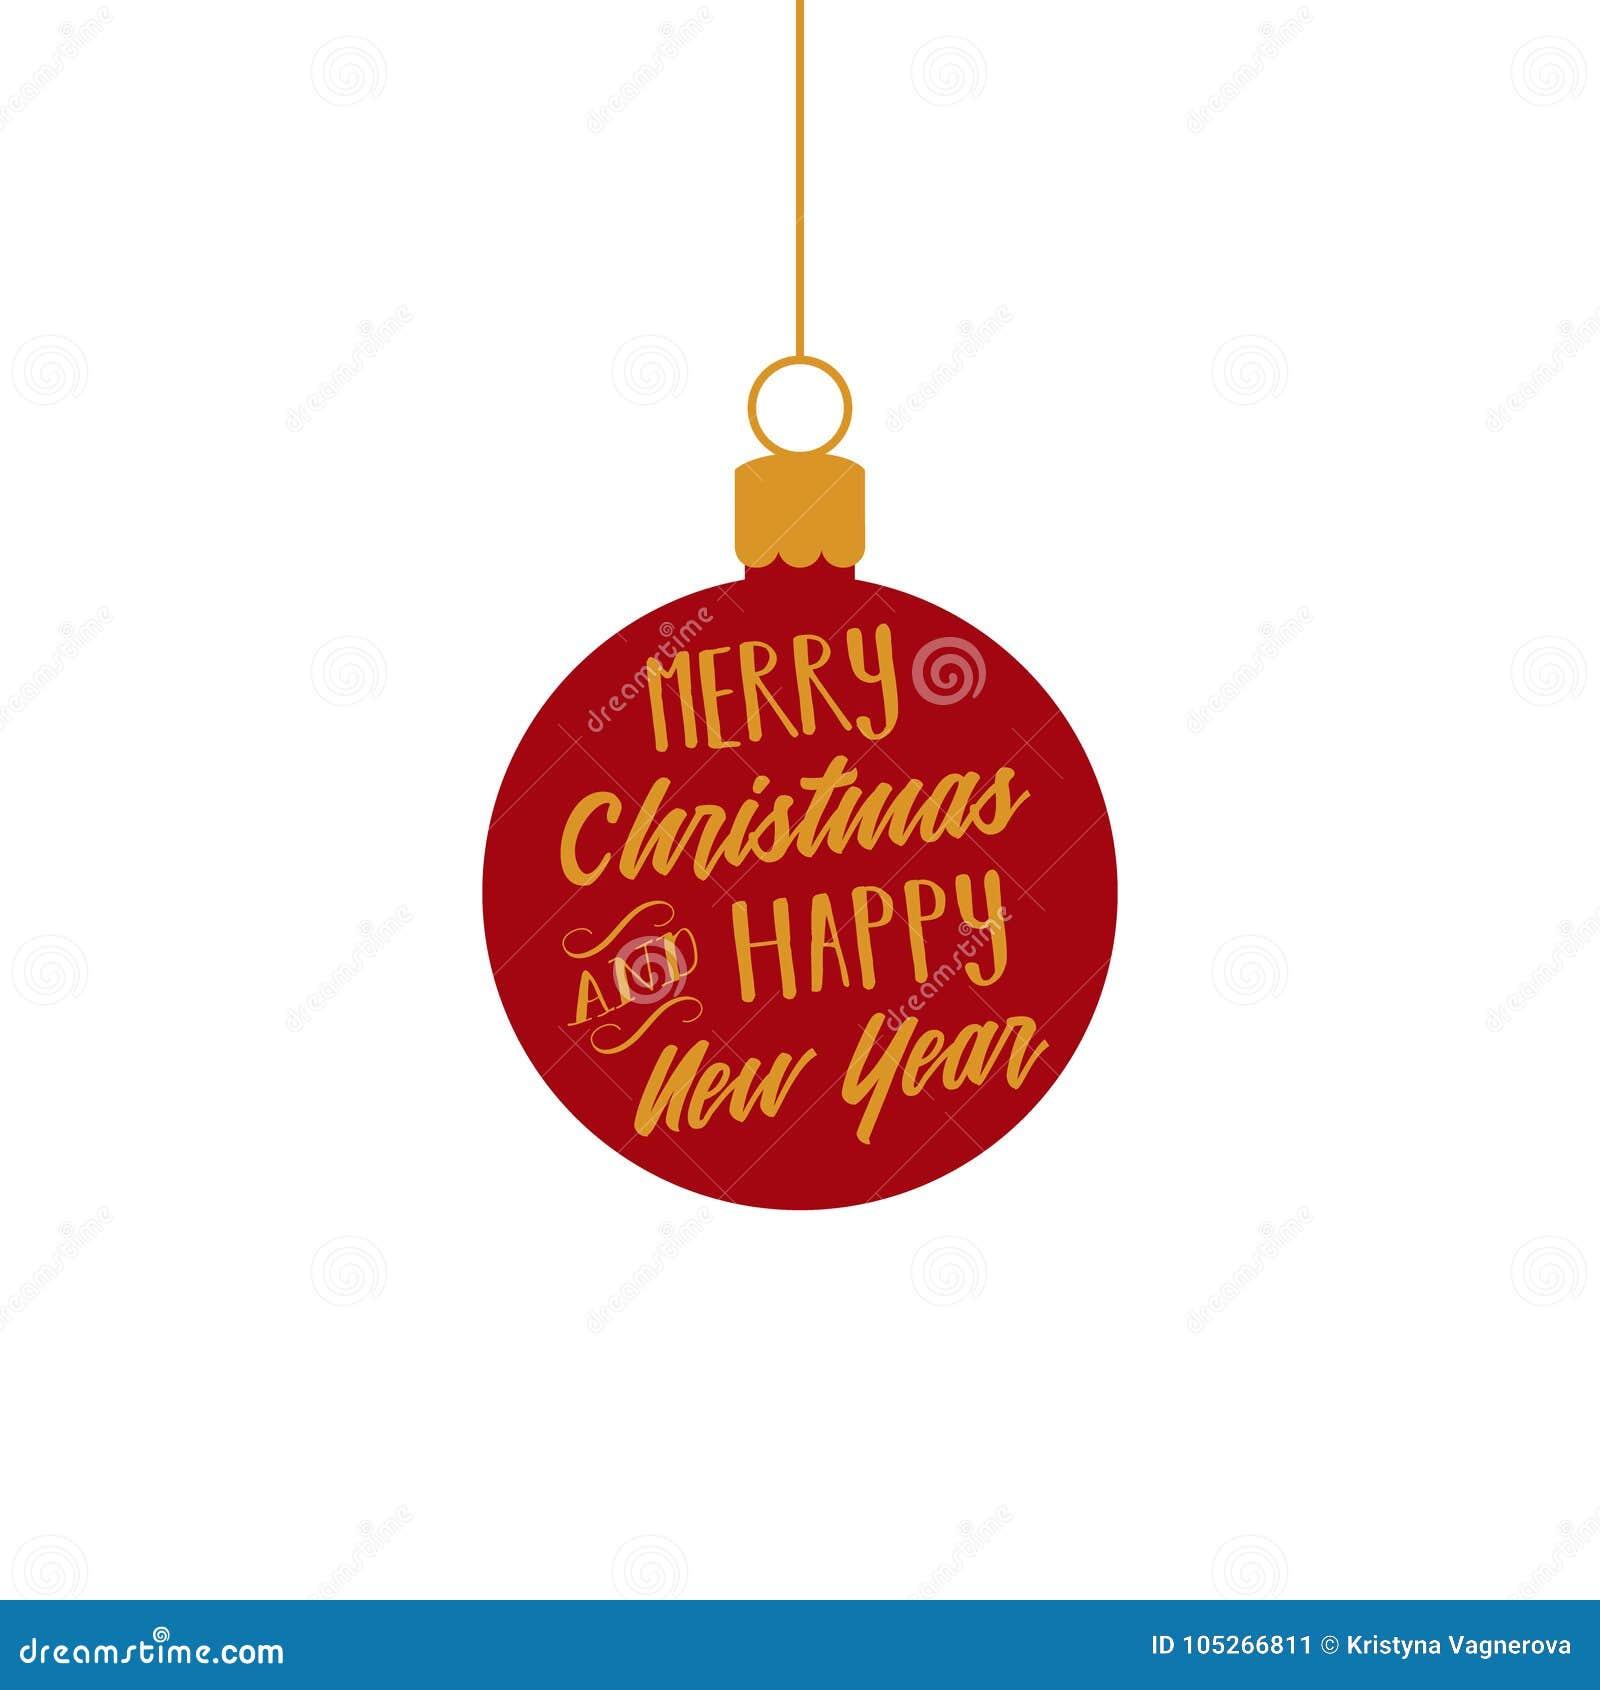 Wesoło boże narodzenia, Szczęśliwy nowy rok, czerwień i złoto ornamentu wektorowej grafiki balowa ilustracja,